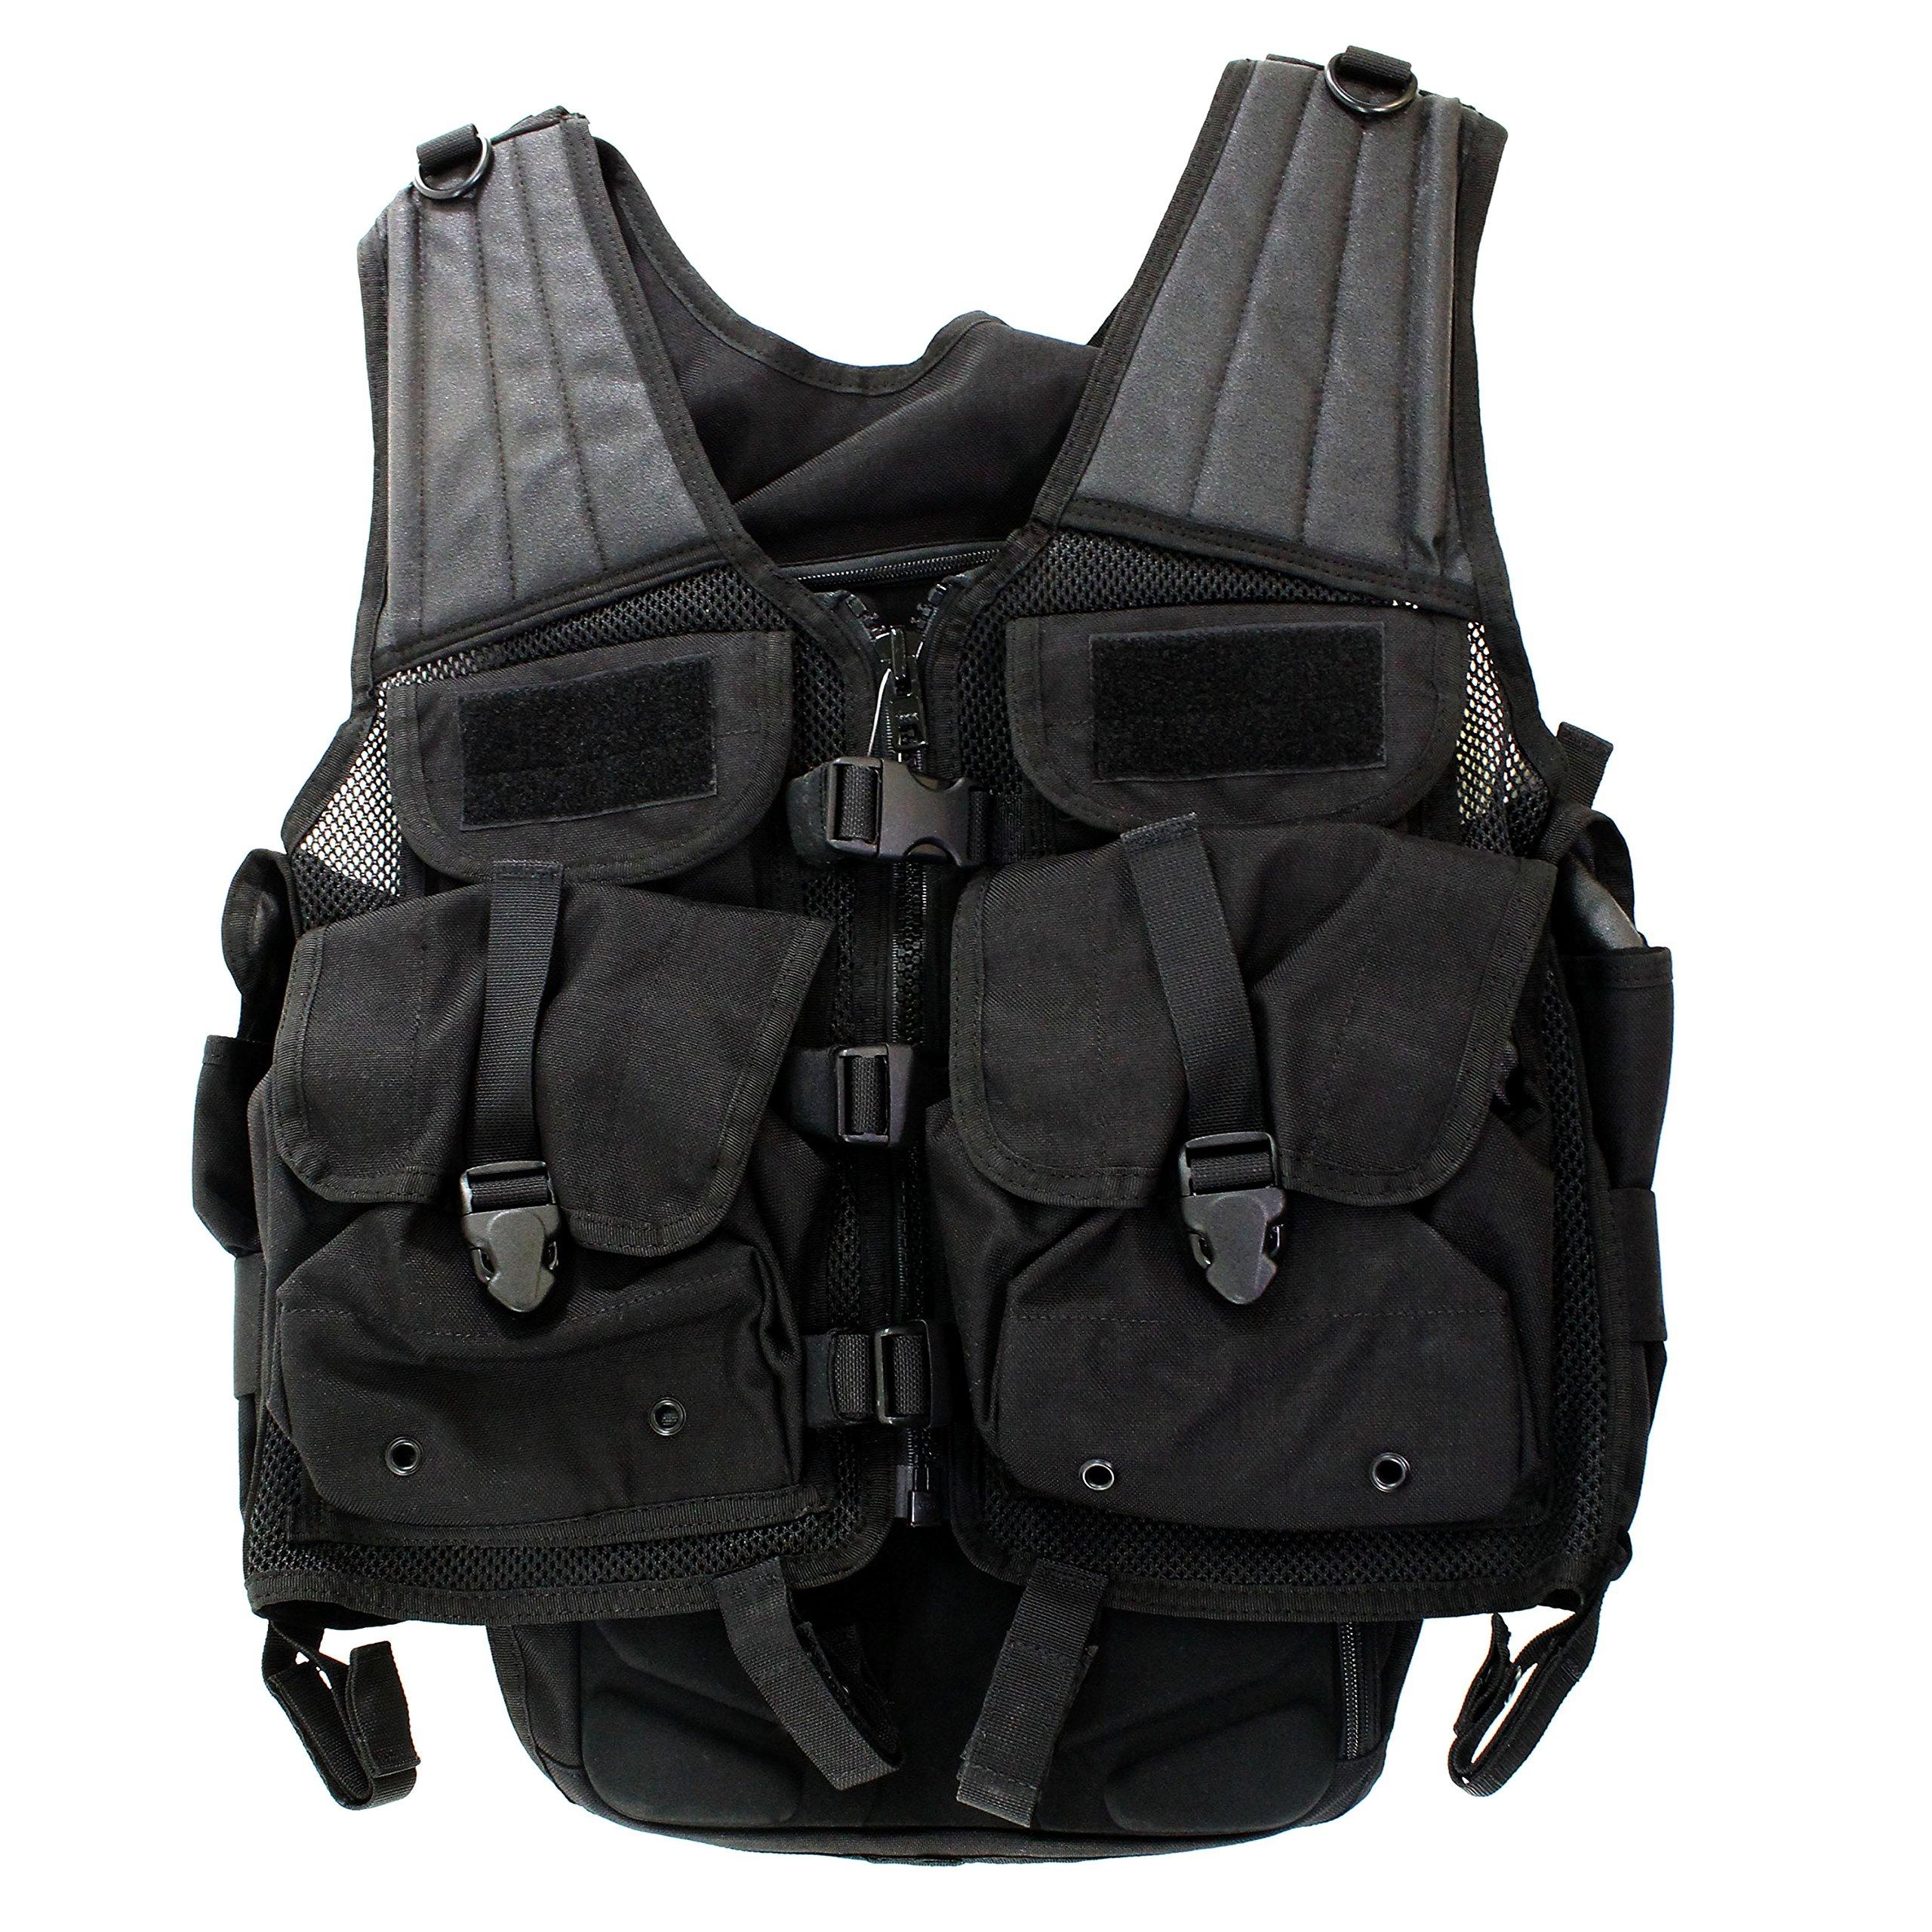 Uncle Mike's Law Enforcement Launcher Load Bearing Tactical Vest